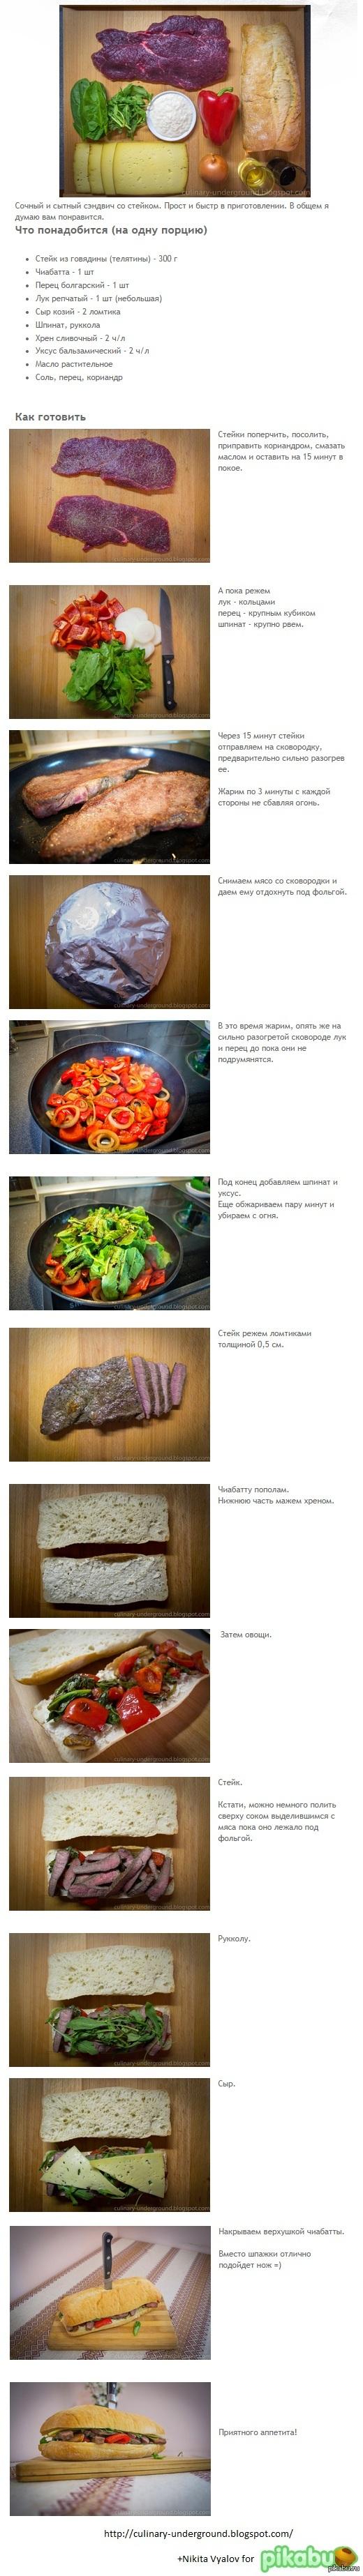 """Стейк-сэндвич по мотивам <a href=""""http://pikabu.ru/story/buterbrod_quotlopni_moya_khlebalushkaquot_2537579"""">http://pikabu.ru/story/_2537579</a>"""